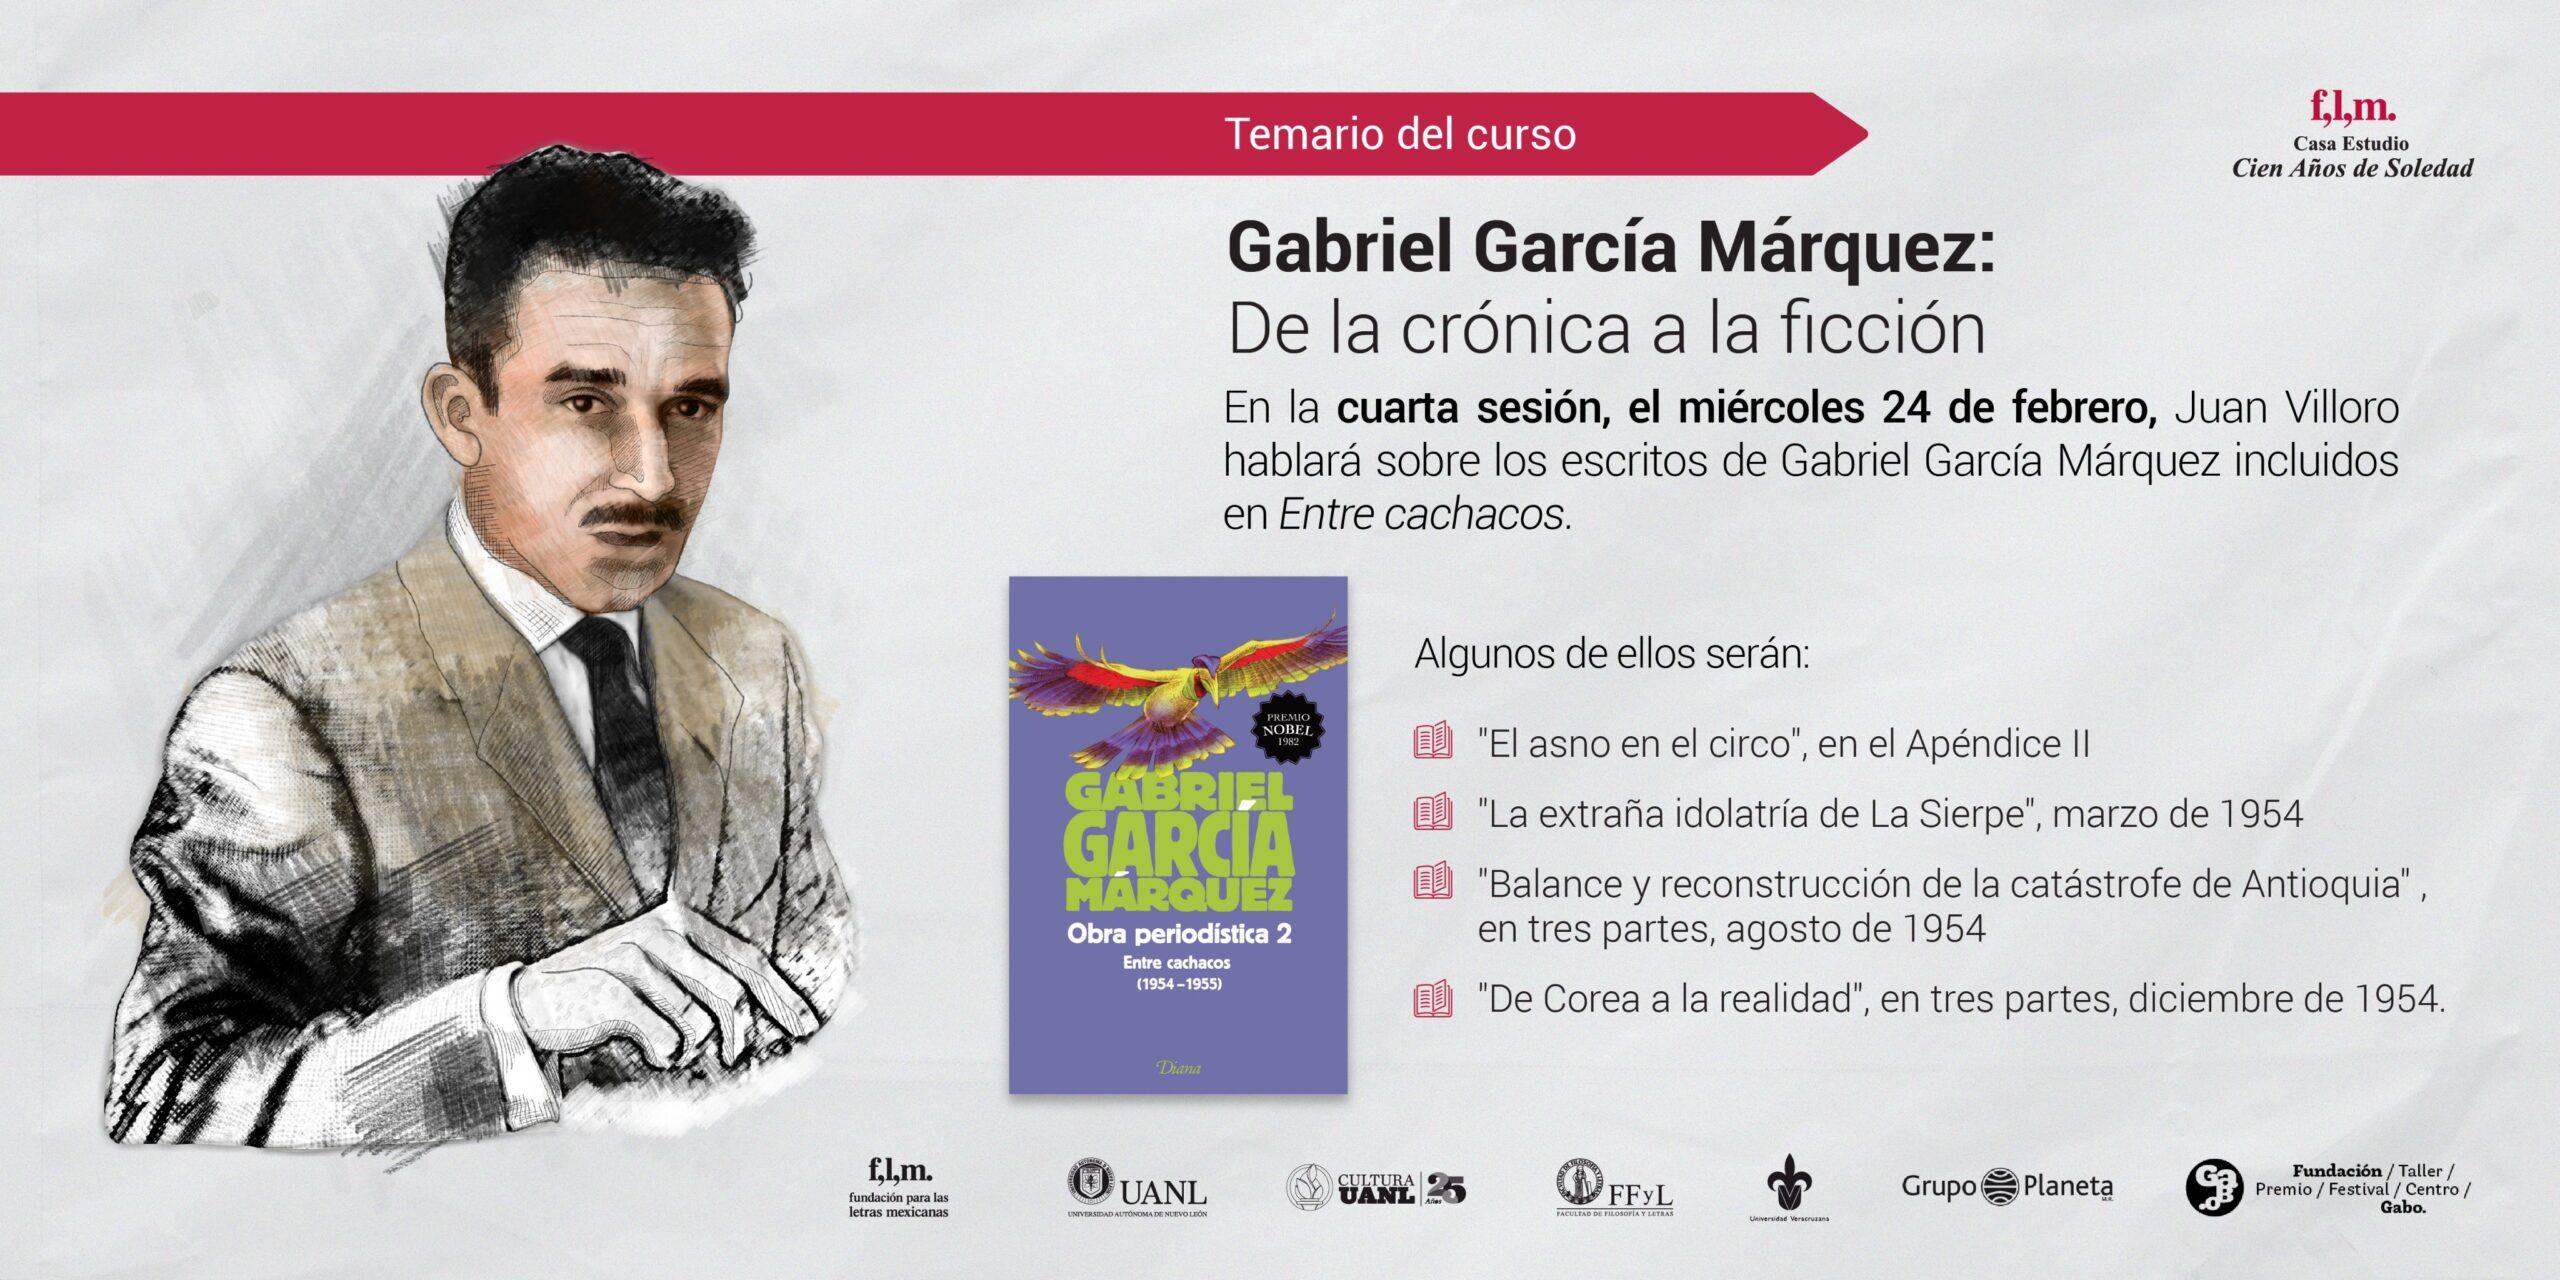 Gabriel Garcia Marquez De la cronica a la ficcion Crea Cuervos scaled